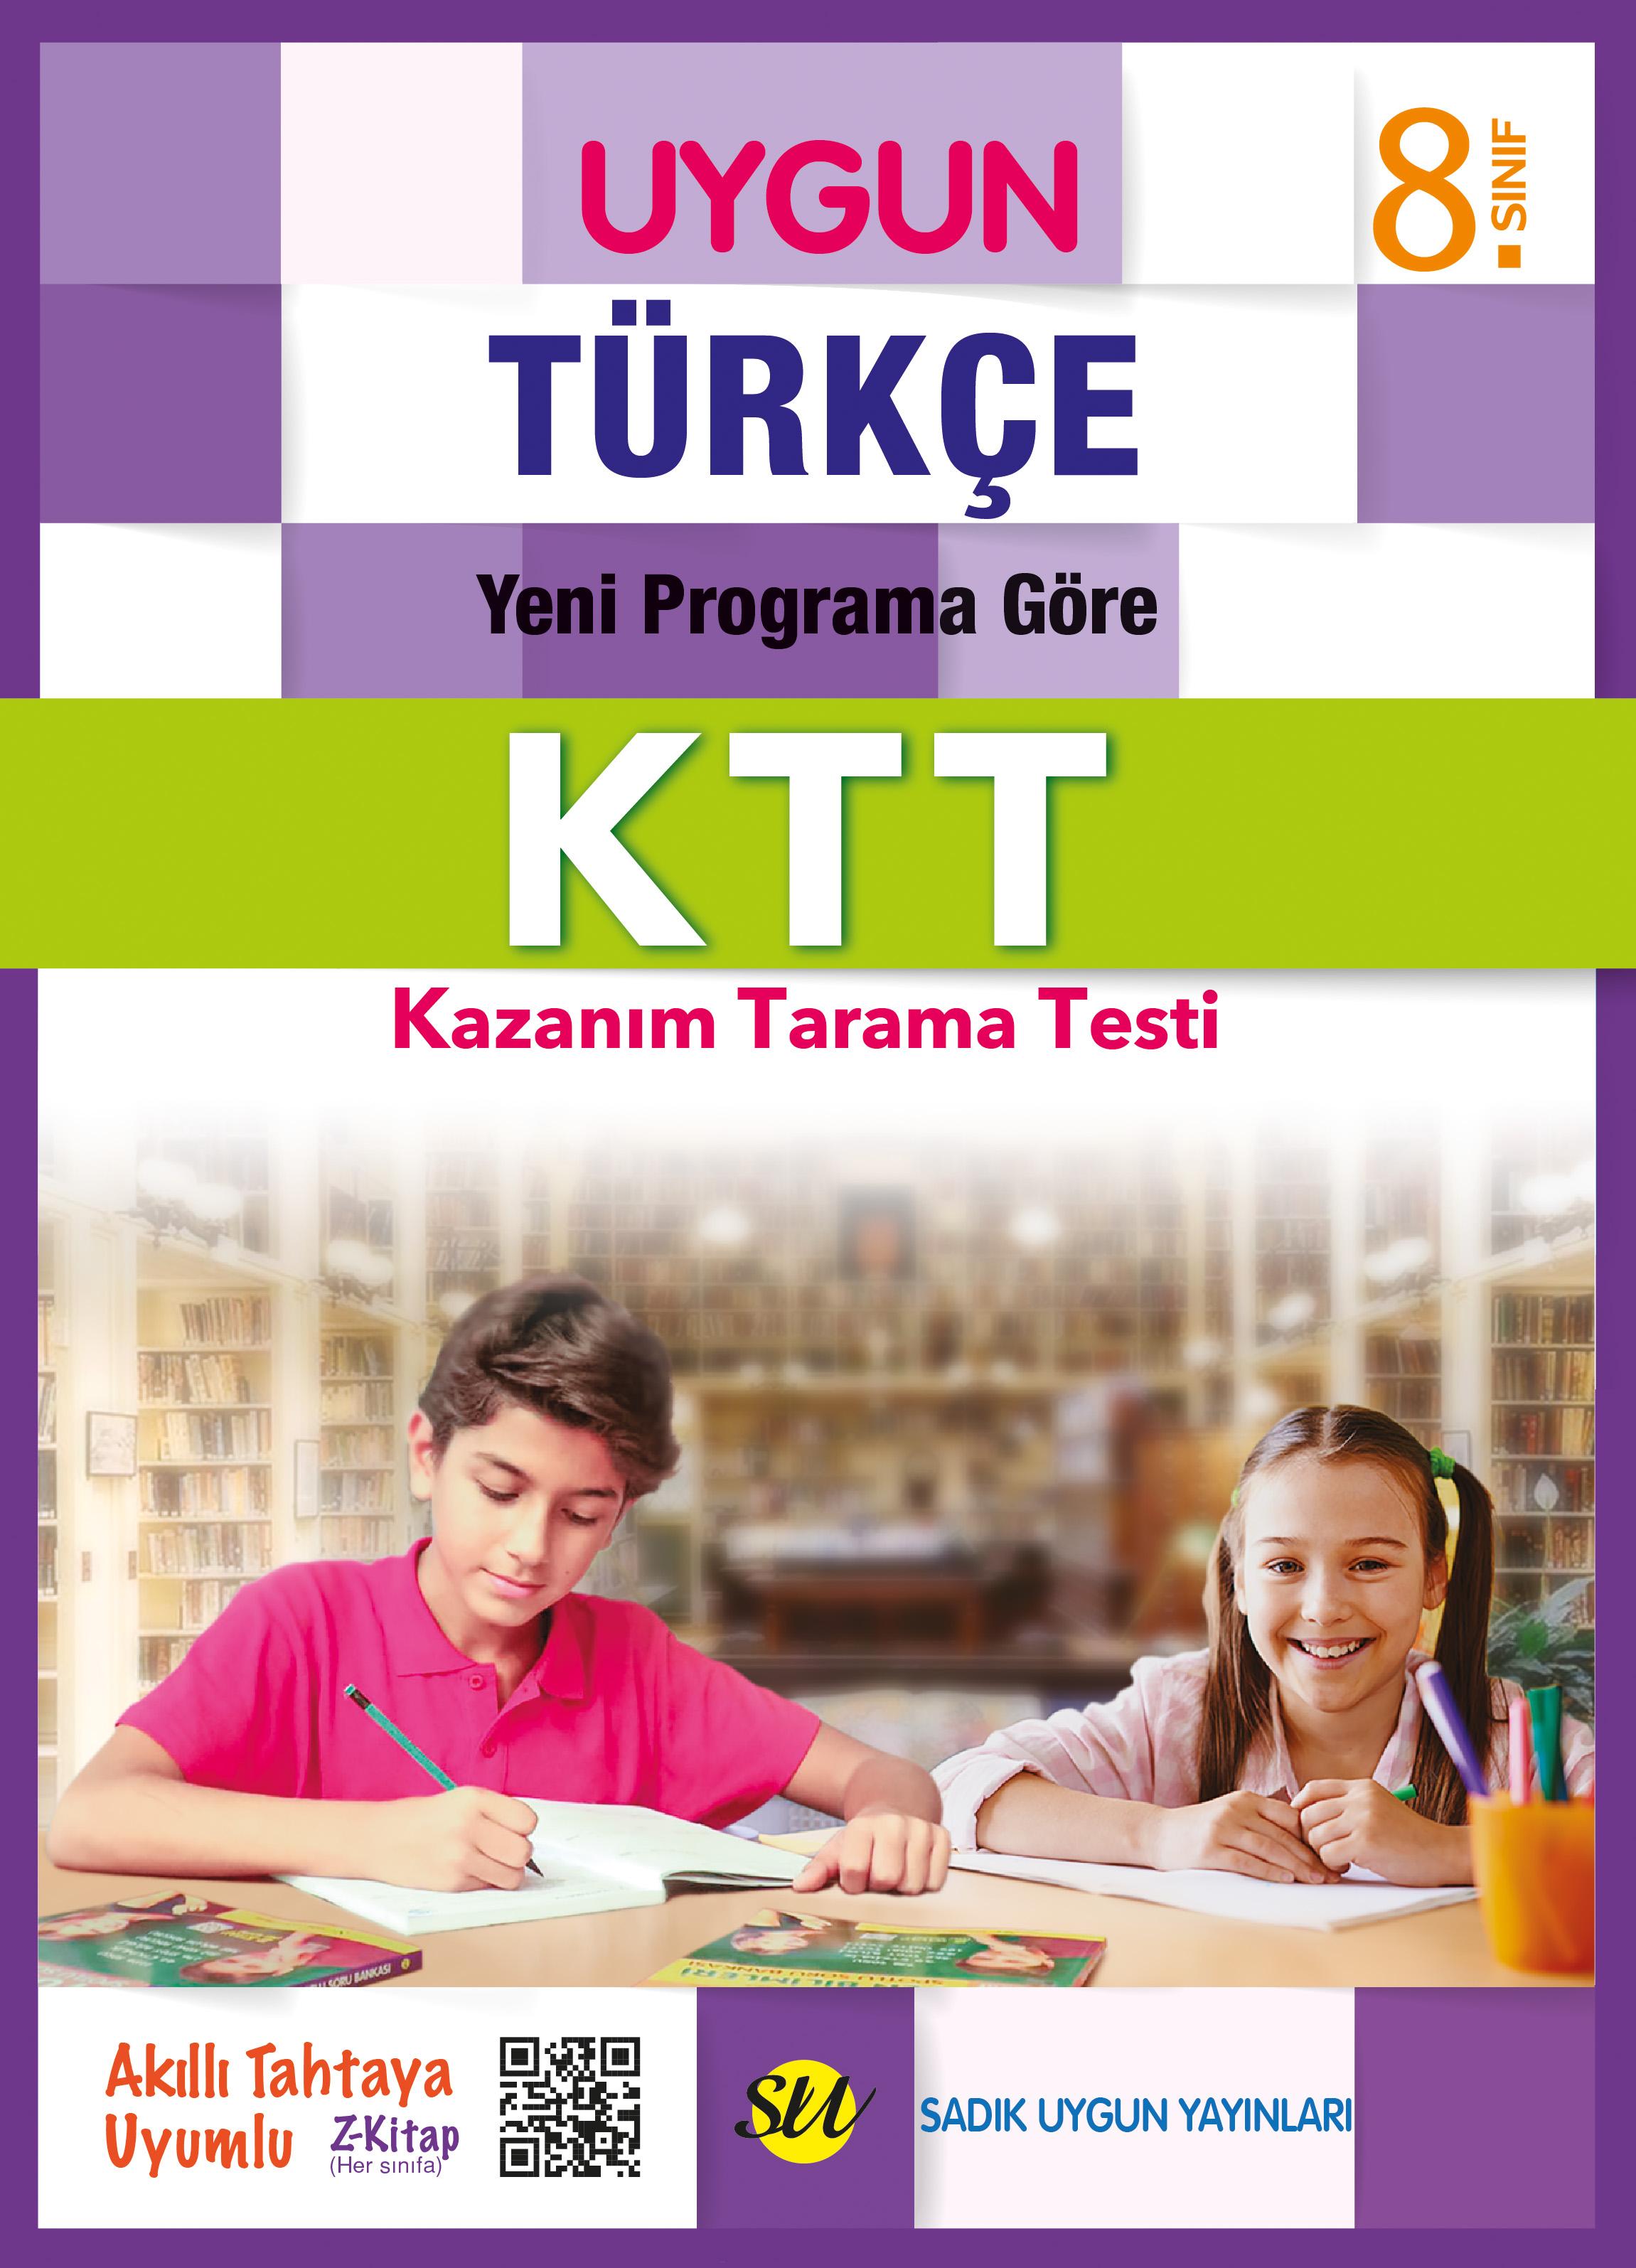 UYGUN – Kazanım Tarama Testleri (KTT) – Türkçe 8. Sınıf